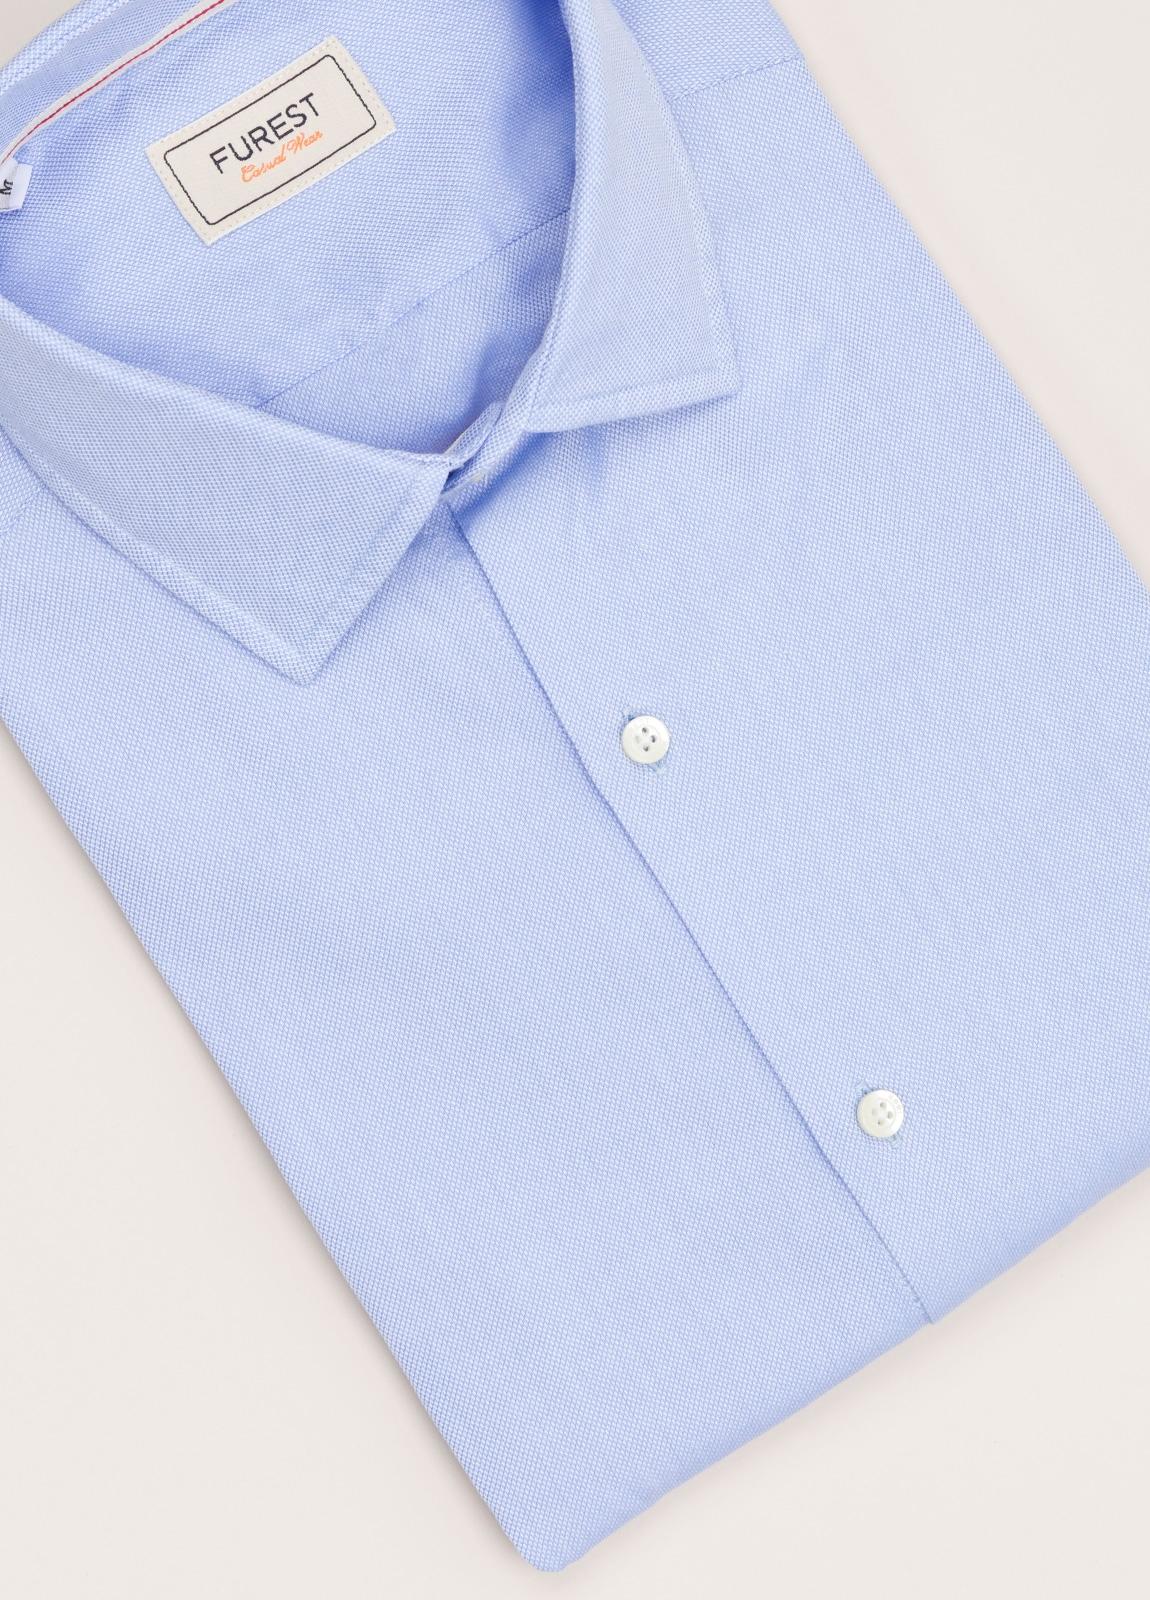 Camisa Casual Wear FUREST COLECCIÓN slim fit textura celeste - Ítem1